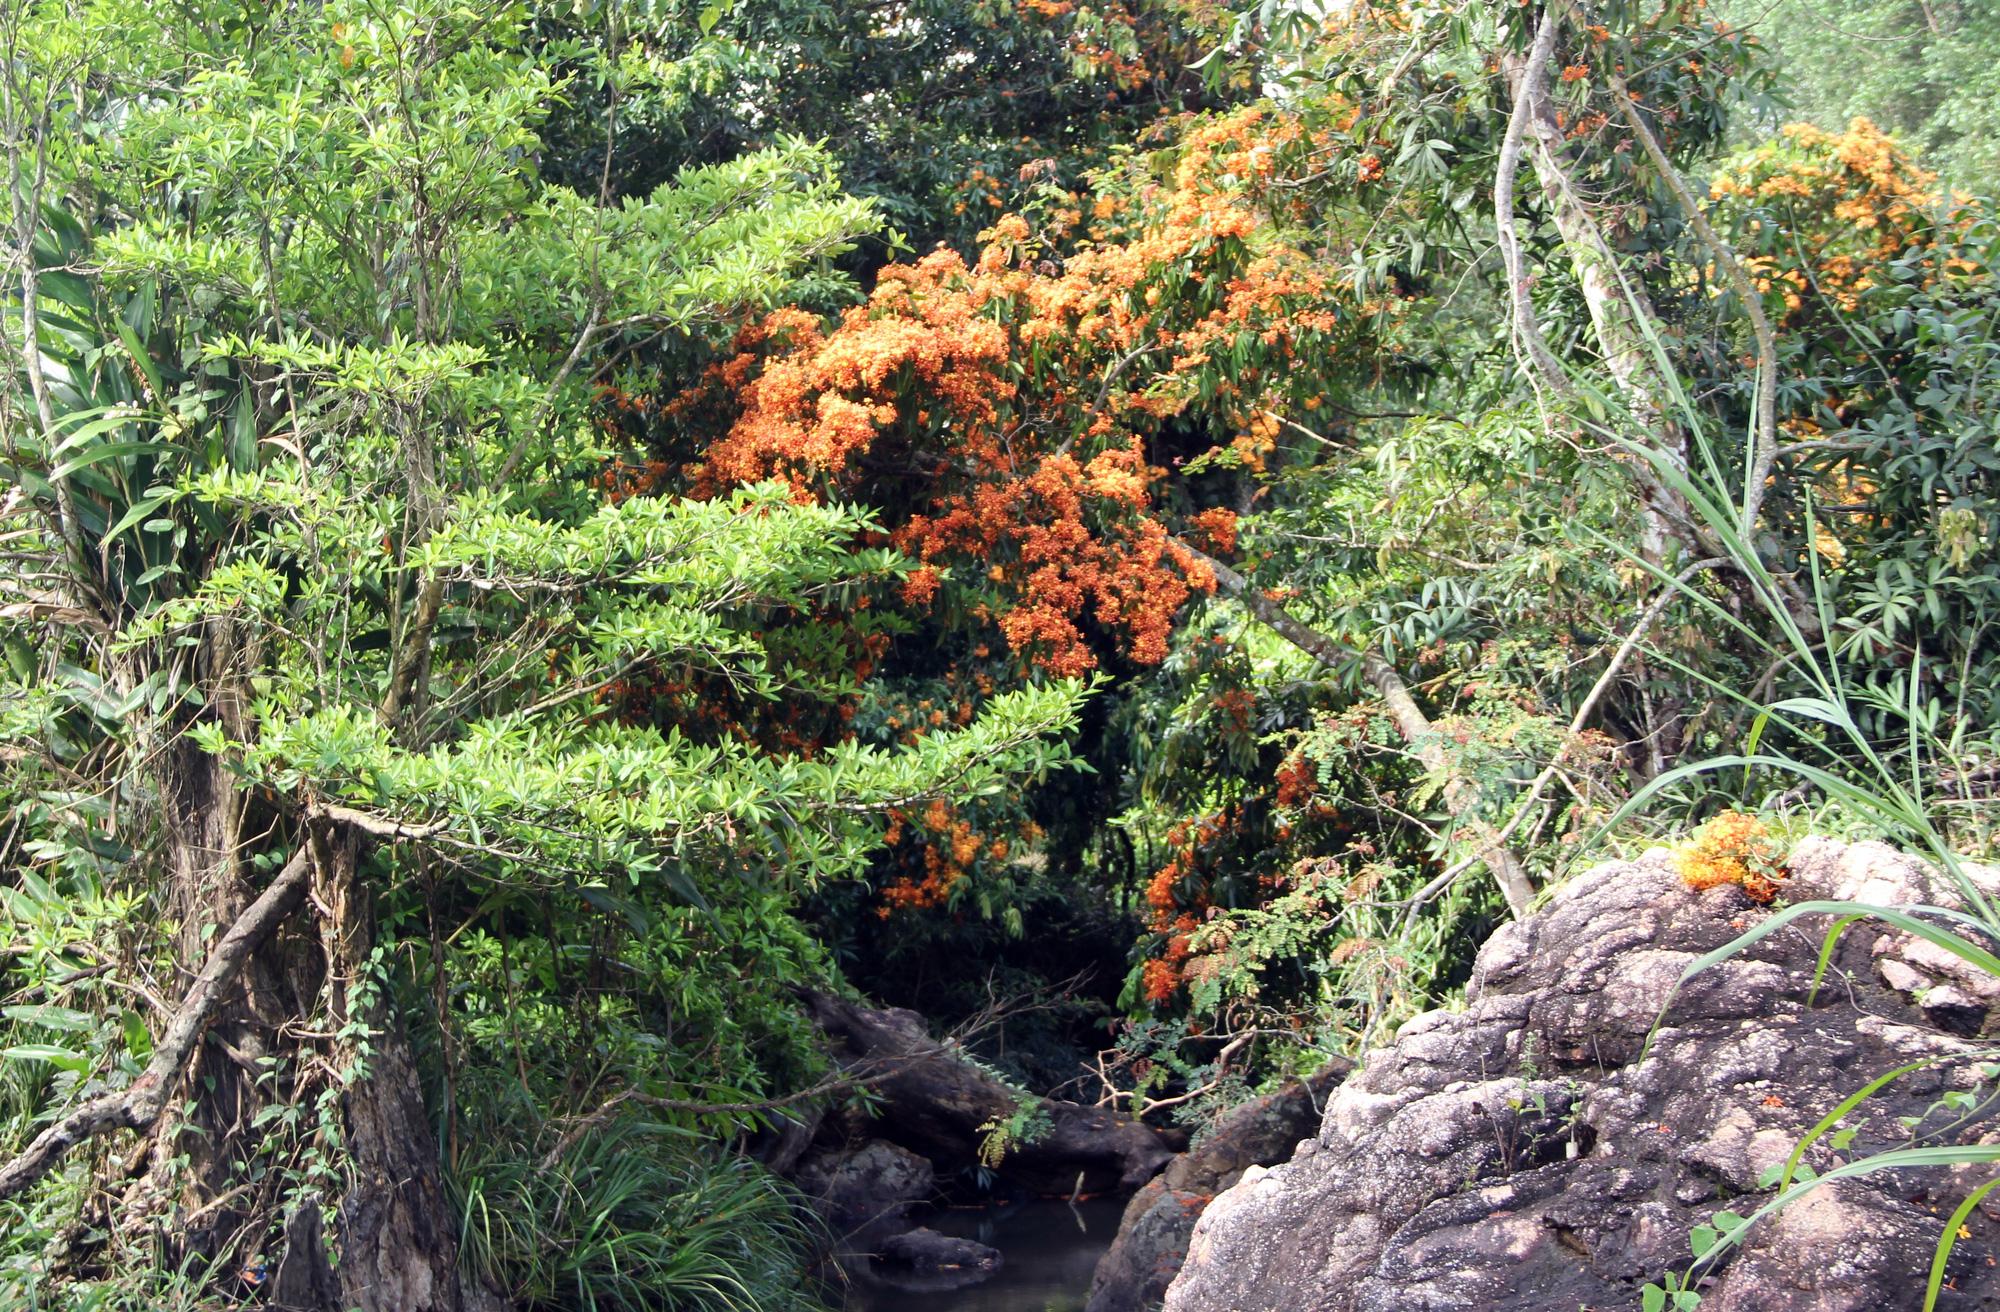 Phú Yên: Đẹp mê mẩn hoa trang rừng cổ thụ bung nở rực rỡ - Ảnh 4.